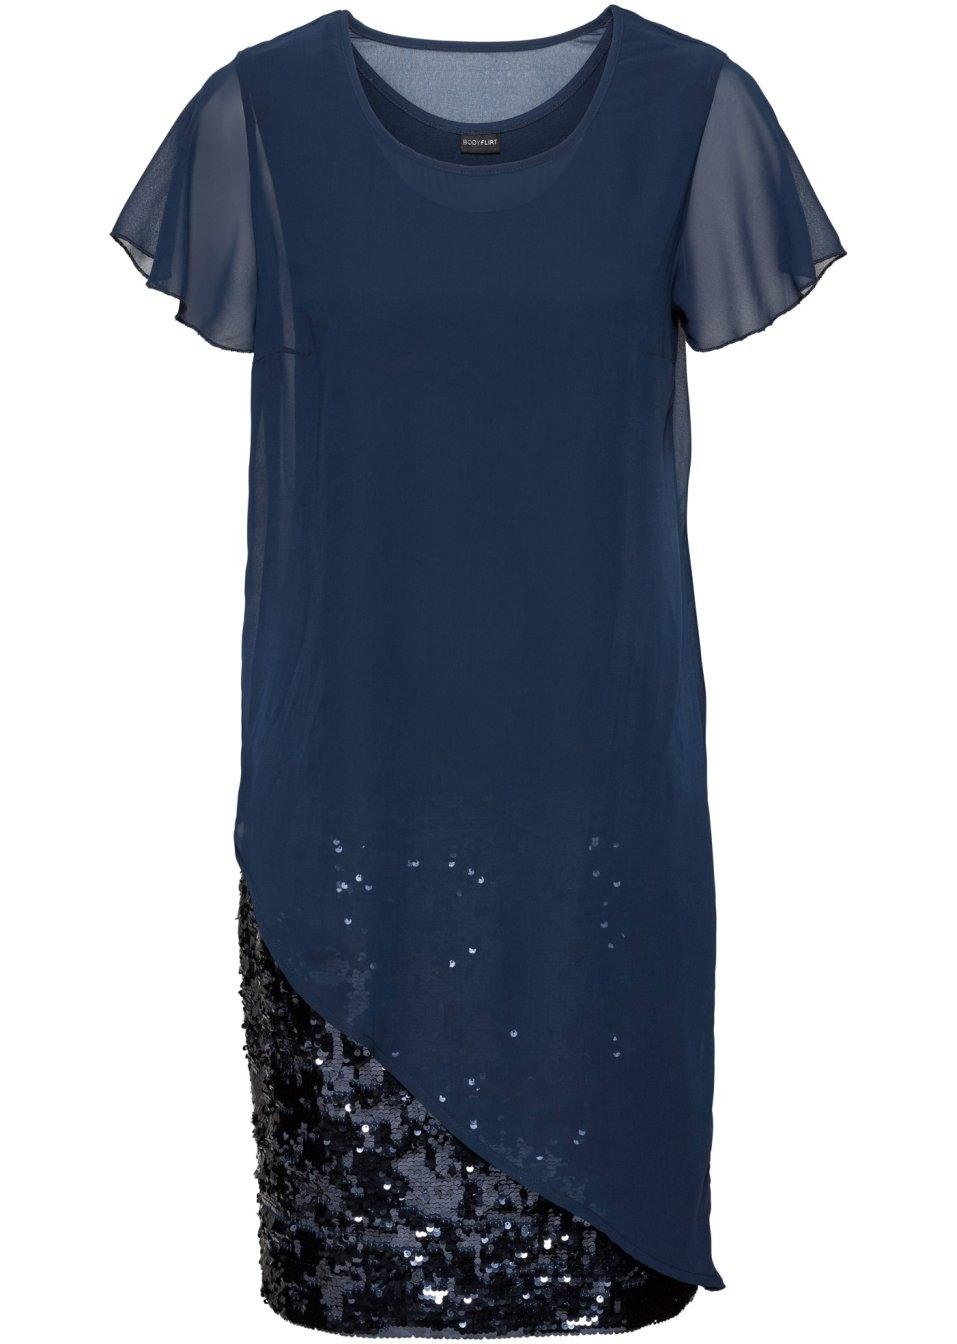 10 Ausgezeichnet Blaues Kurzes Kleid GalerieFormal Genial Blaues Kurzes Kleid Spezialgebiet